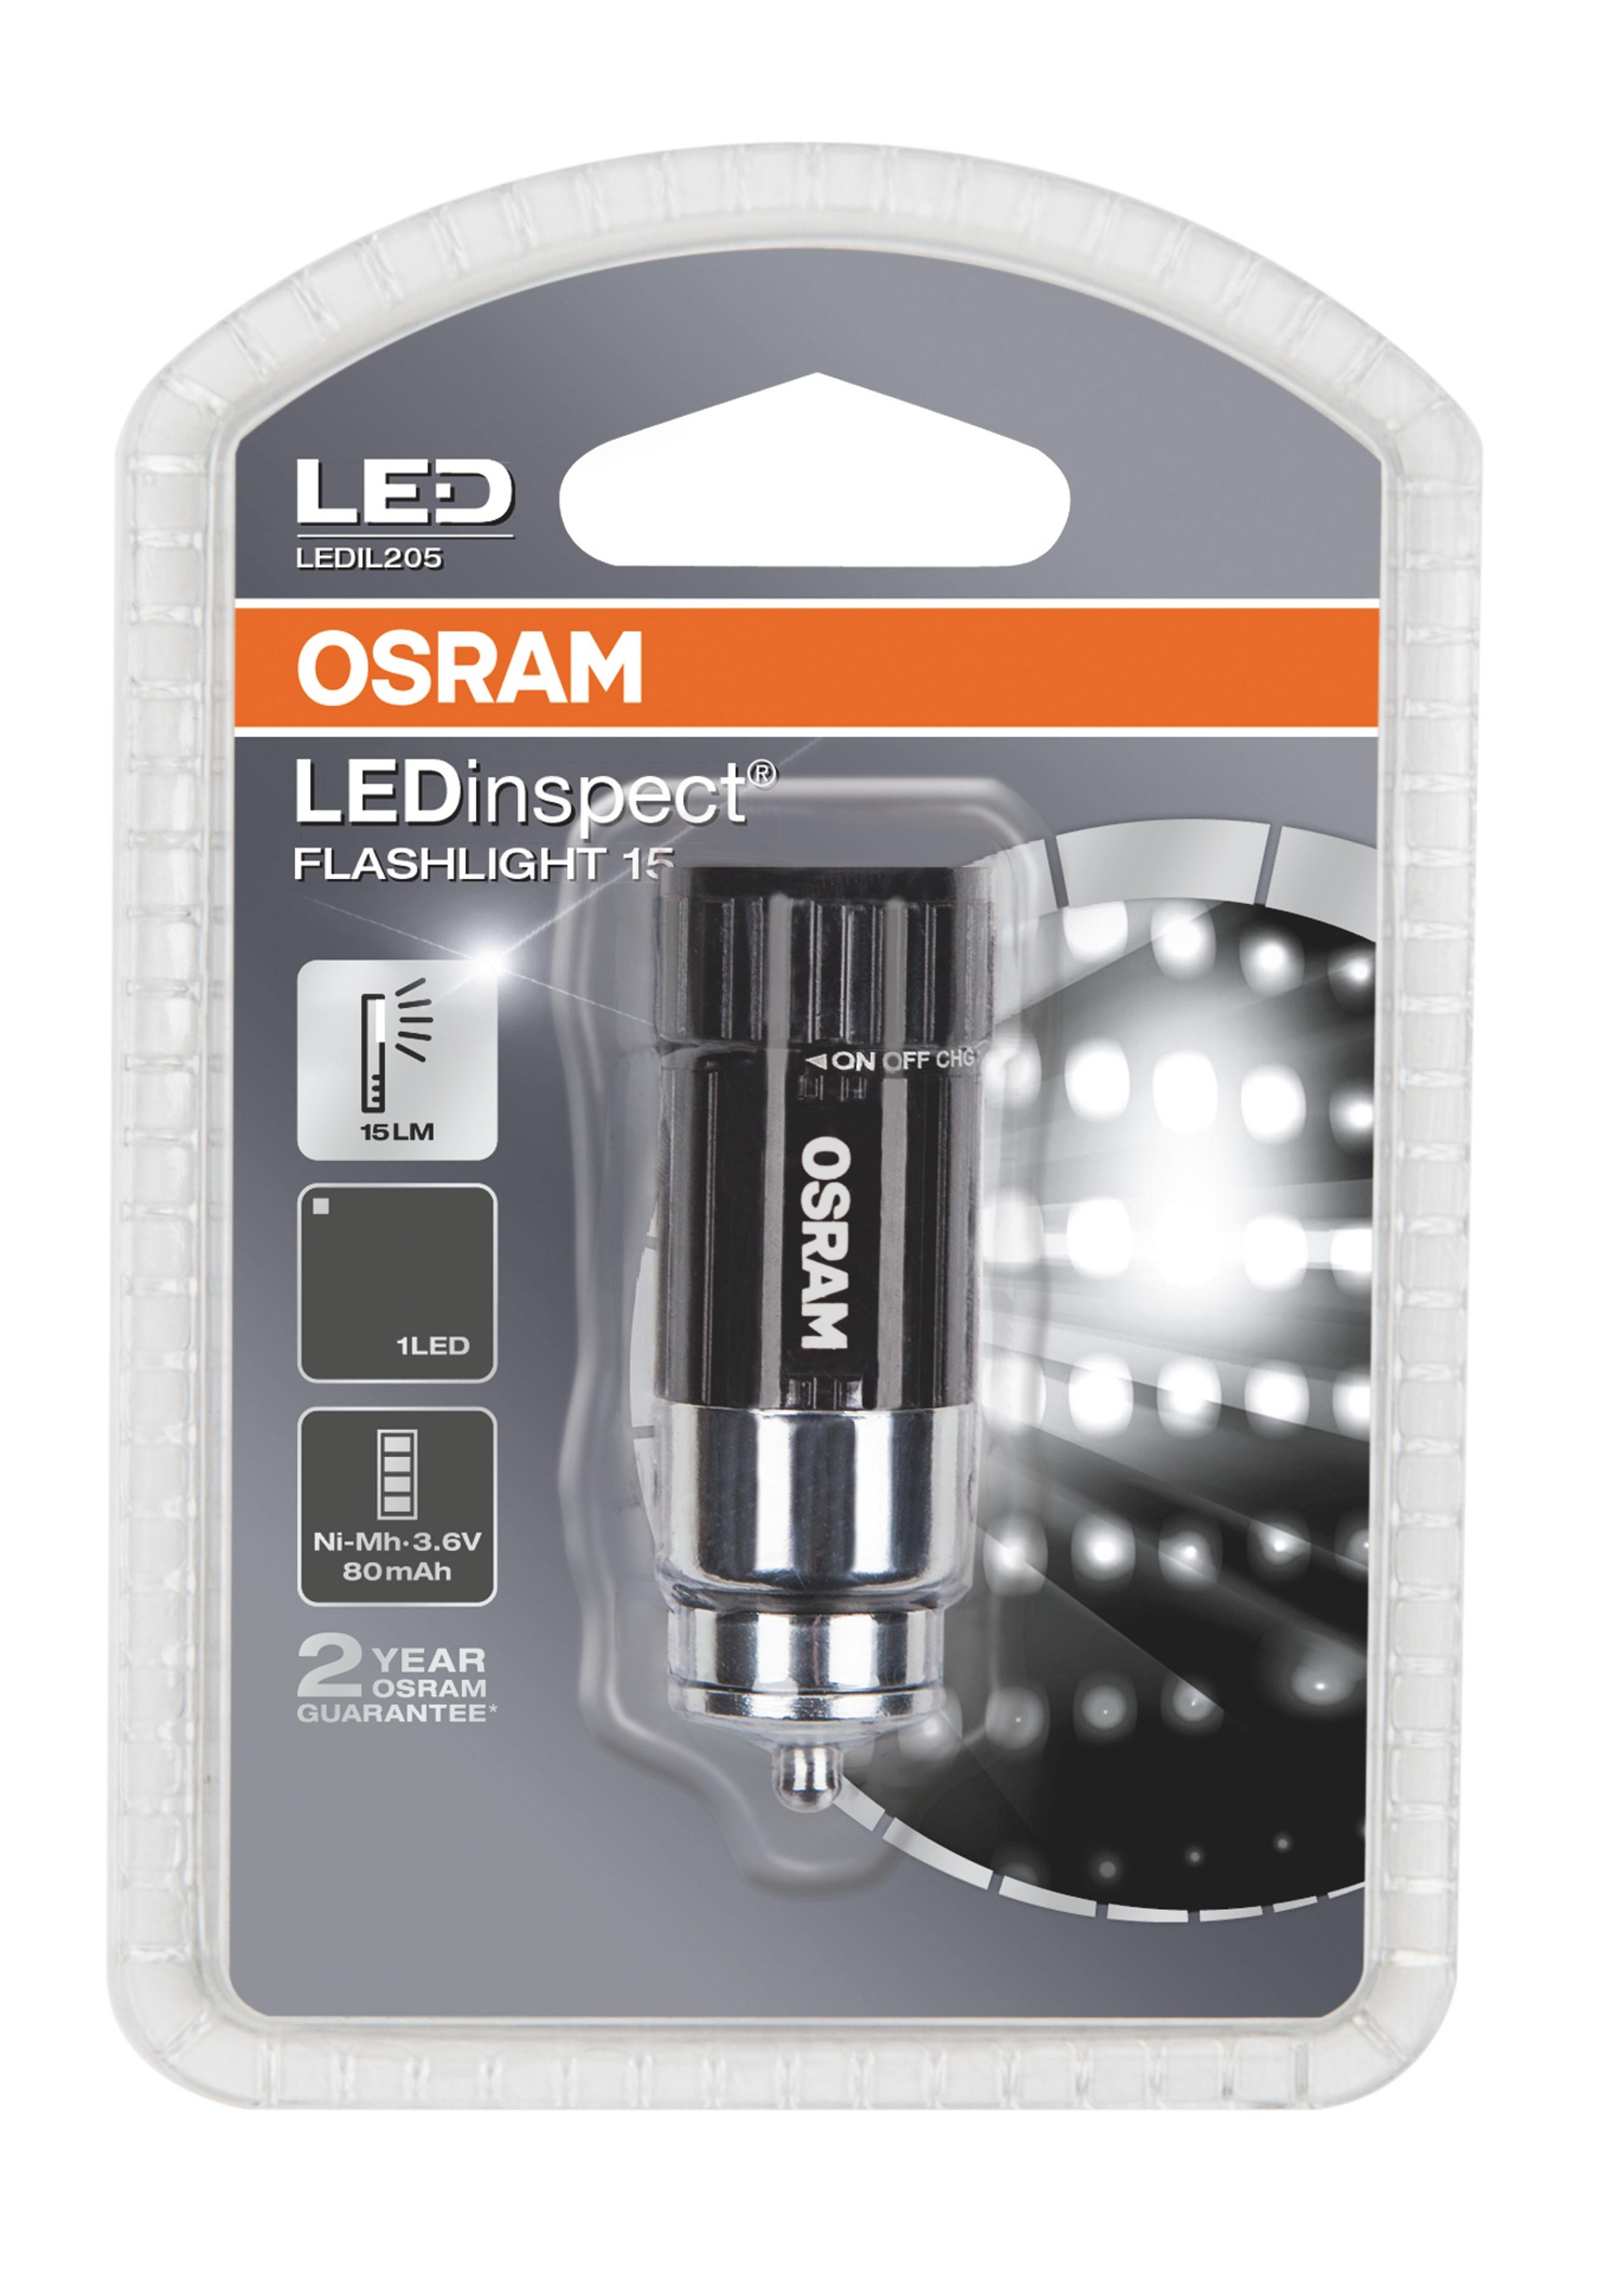 OSRAM Pracovní svítilna LED inspection 3,6V 0,5W 15lm černá (Blistr 1ks)